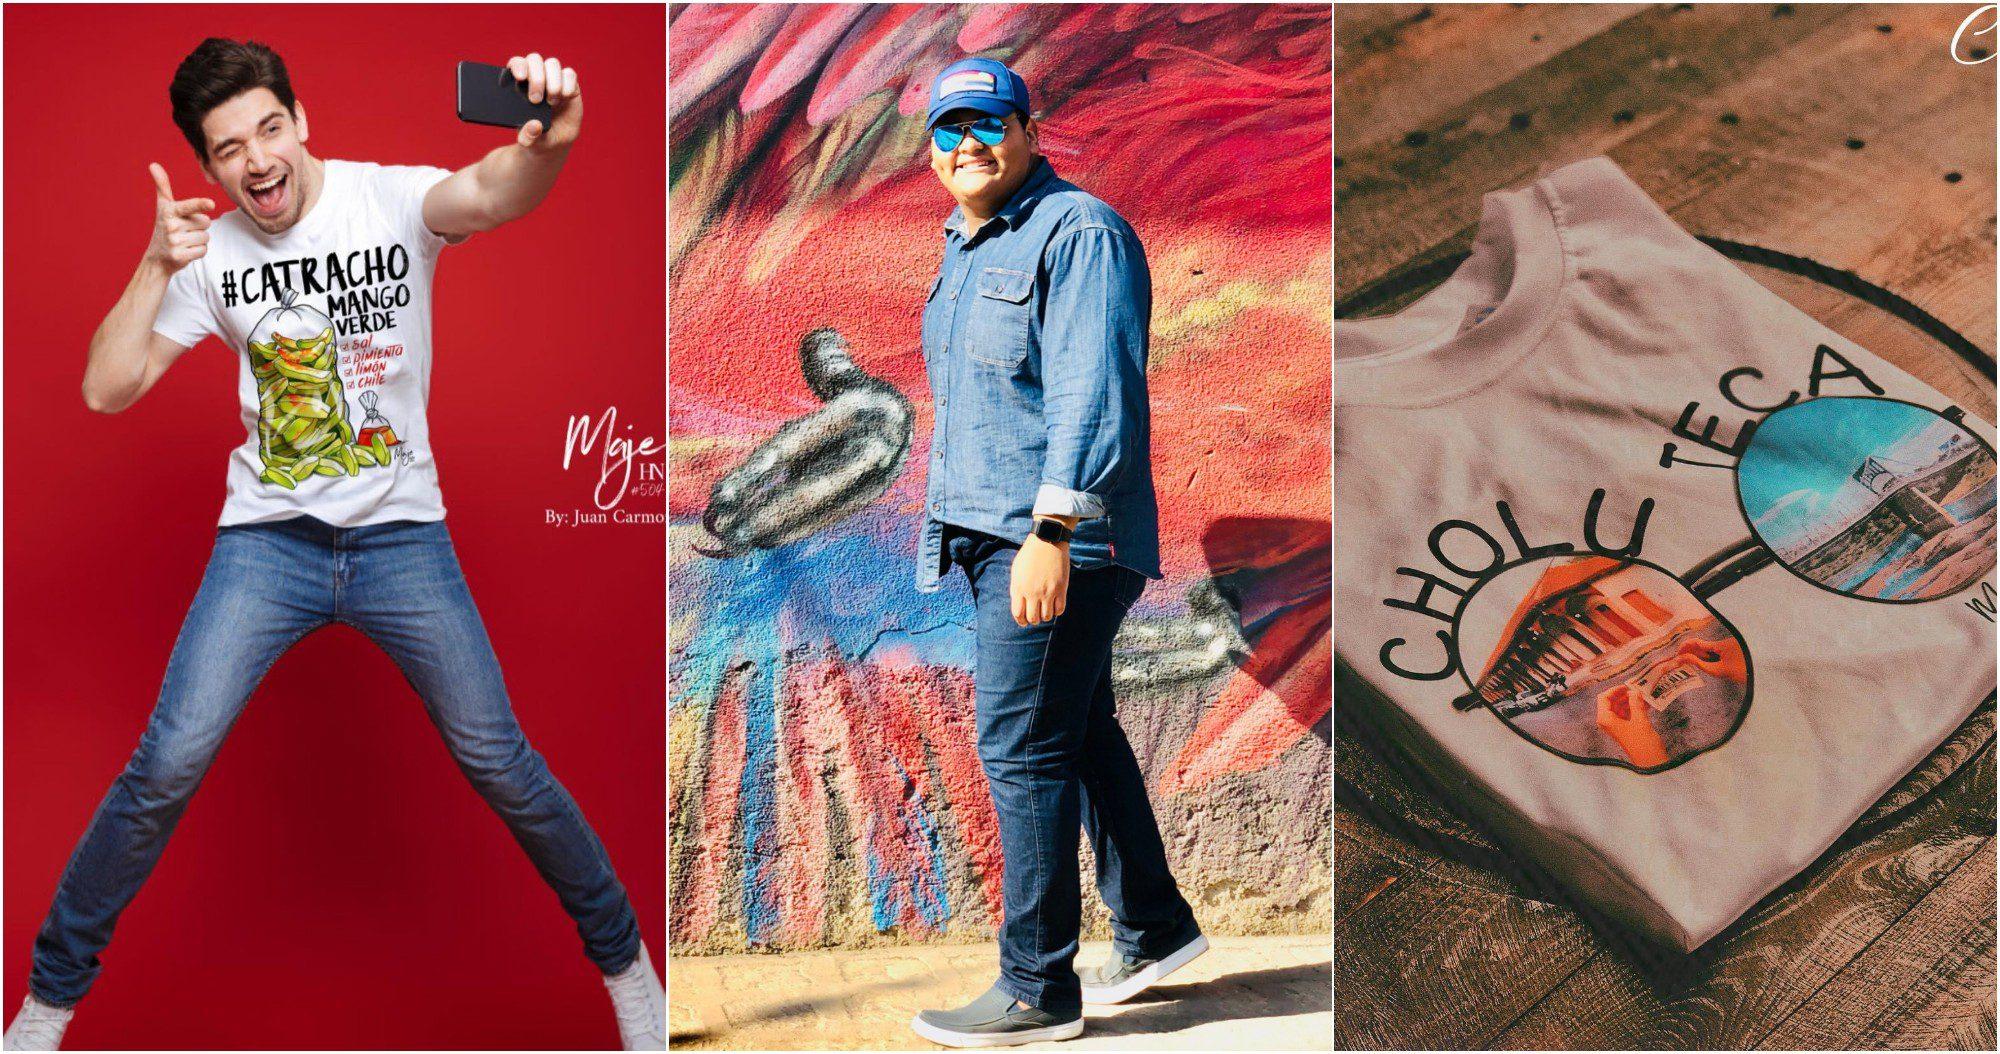 Hondureño emprende con camisetas que destacan el orgullo catracho